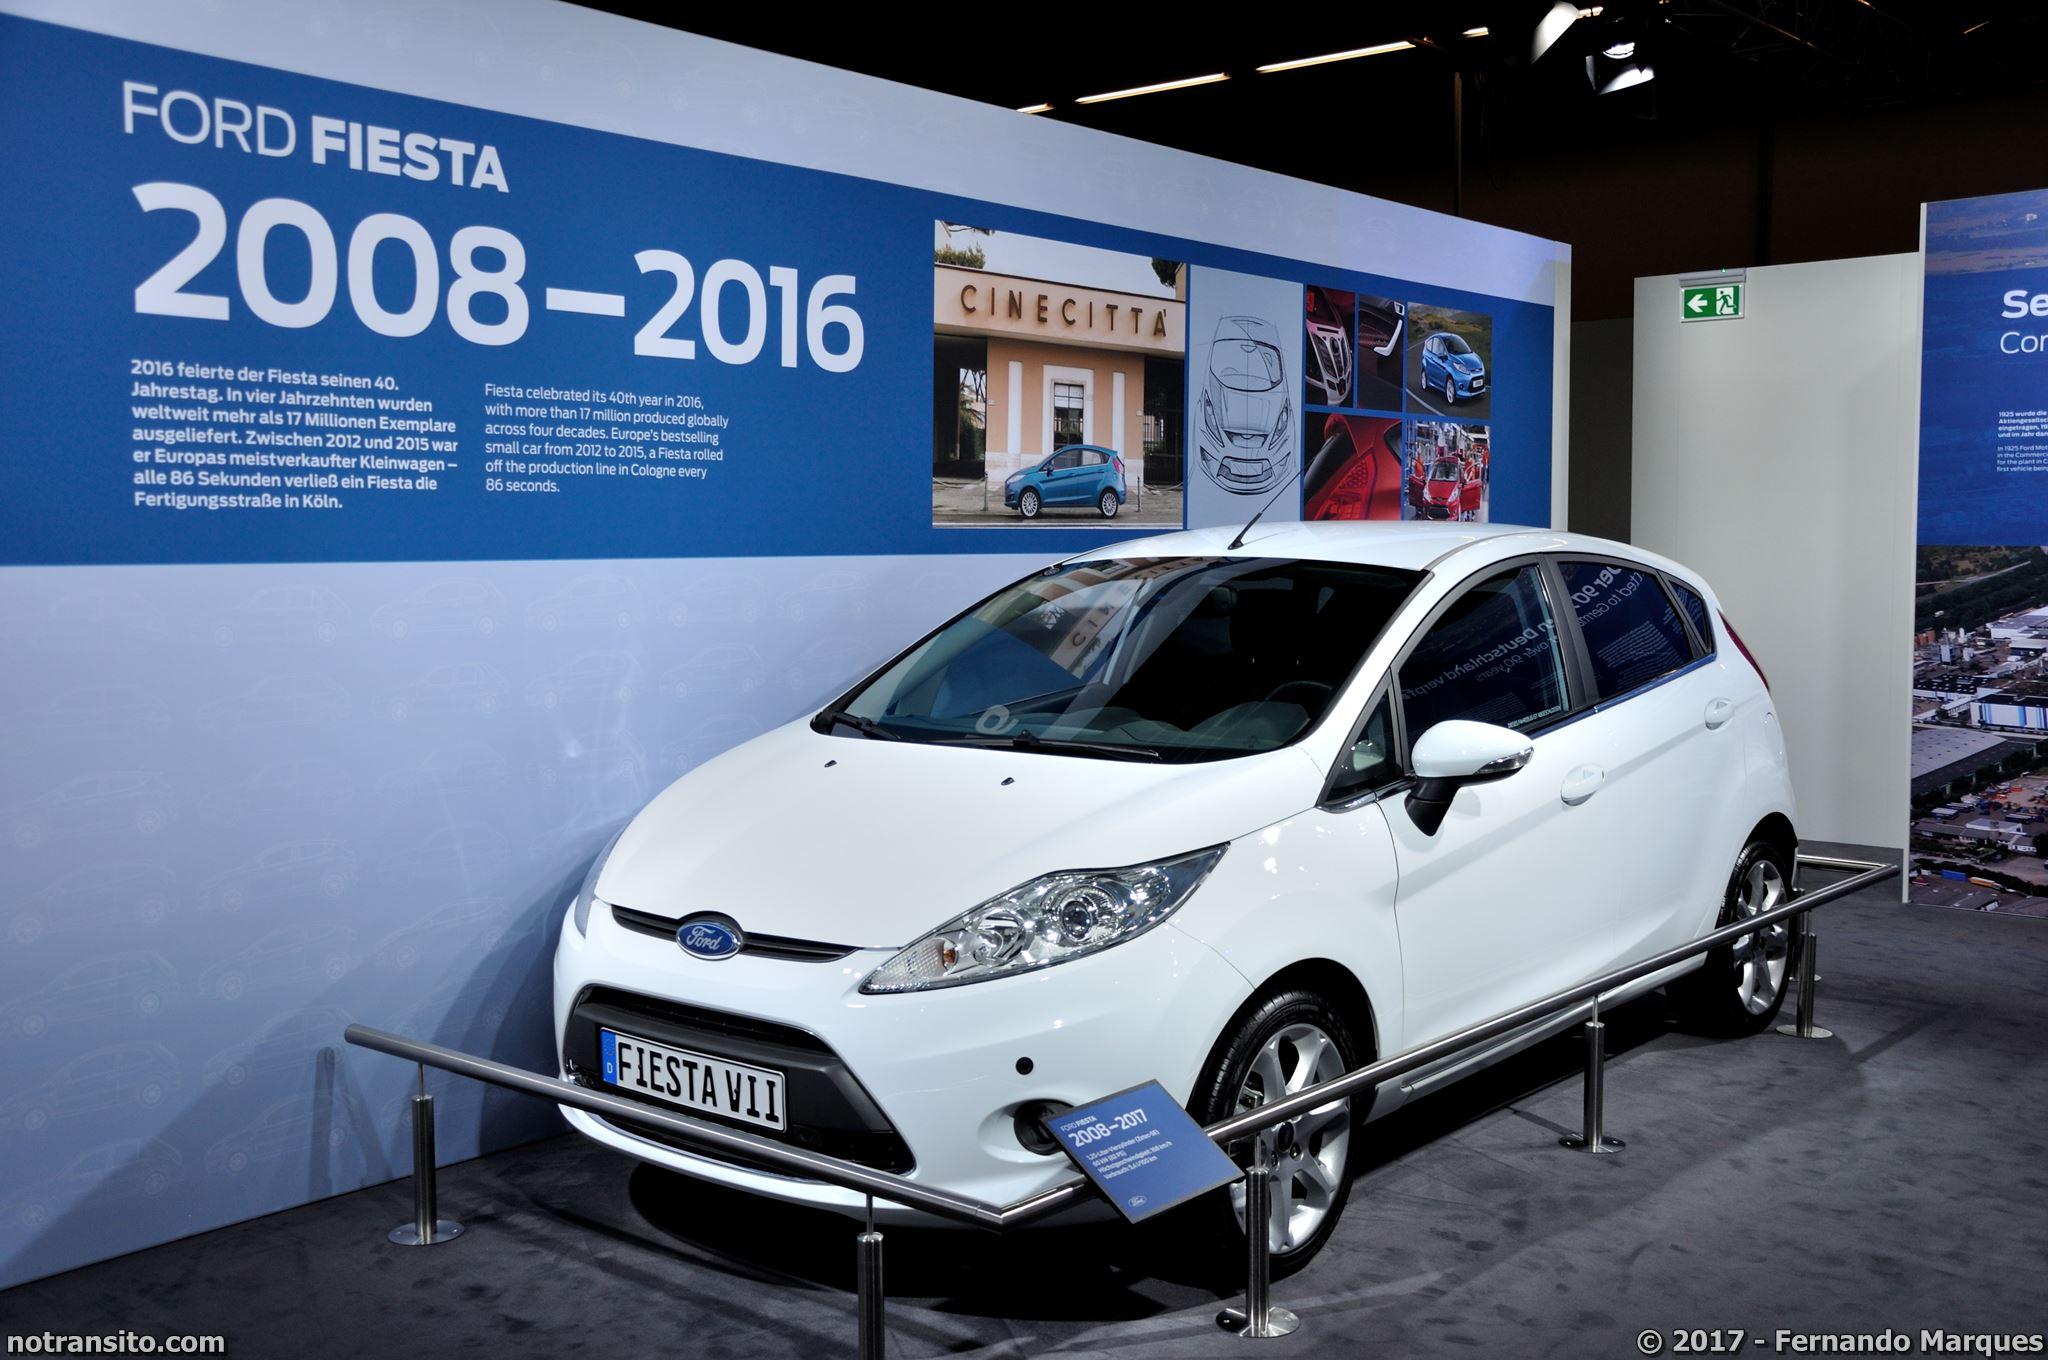 Ford-Fiesta-Frankfurt-2017-007